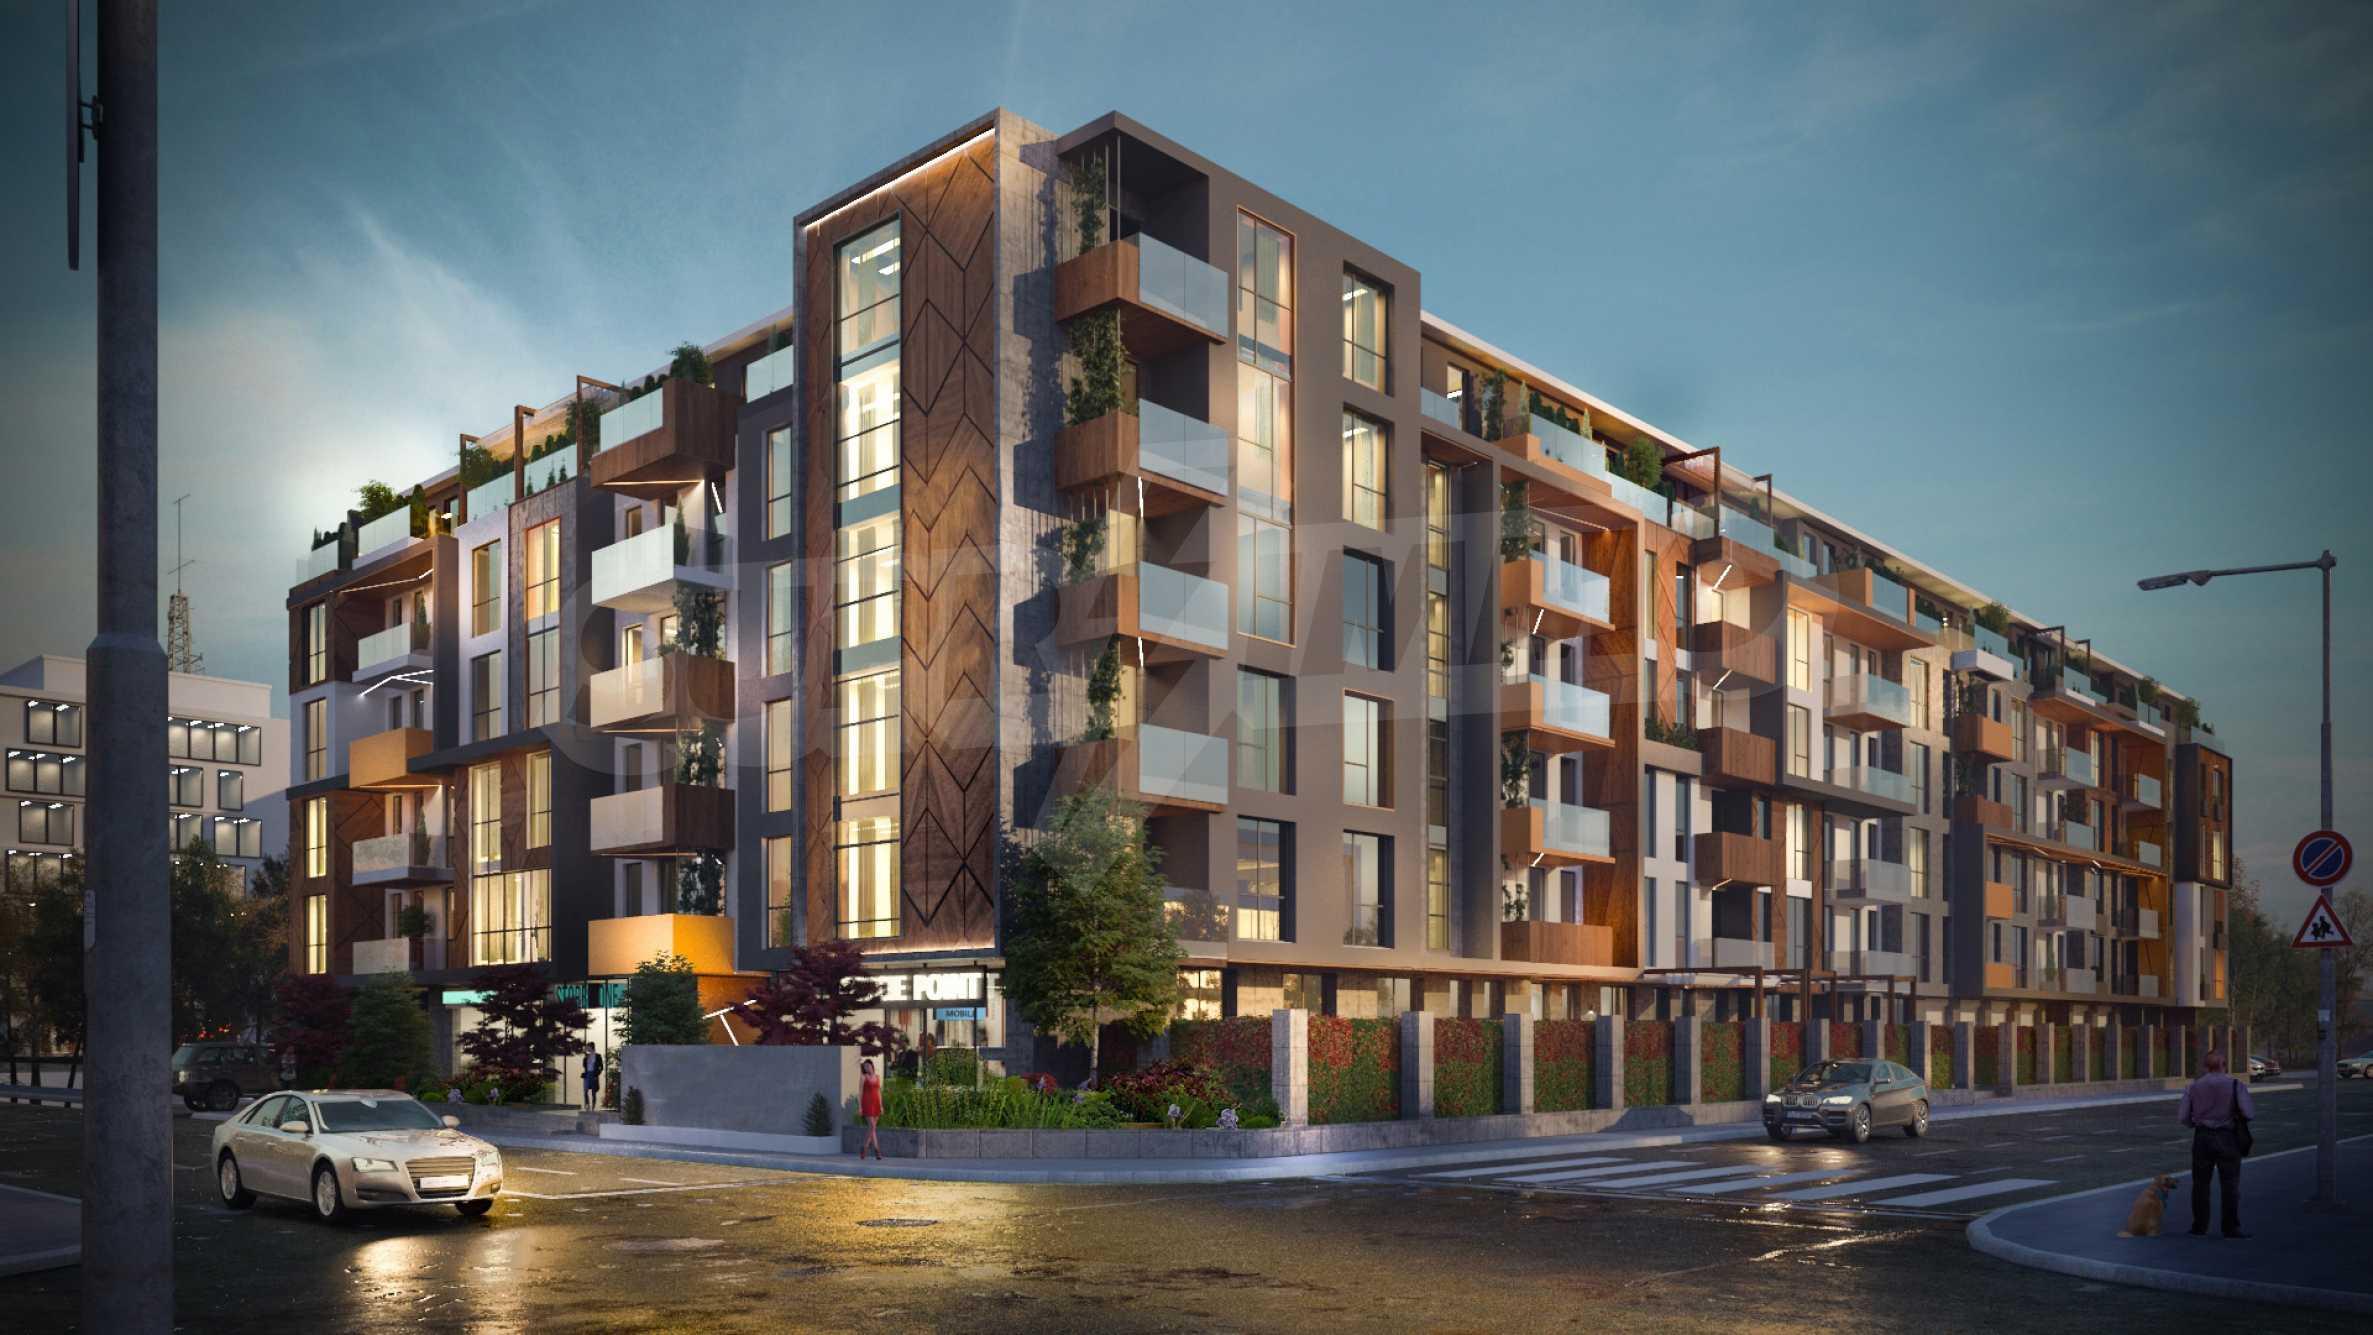 Ексклузивен комплекс на отлична локация в близост до бъдеща метростанция  9